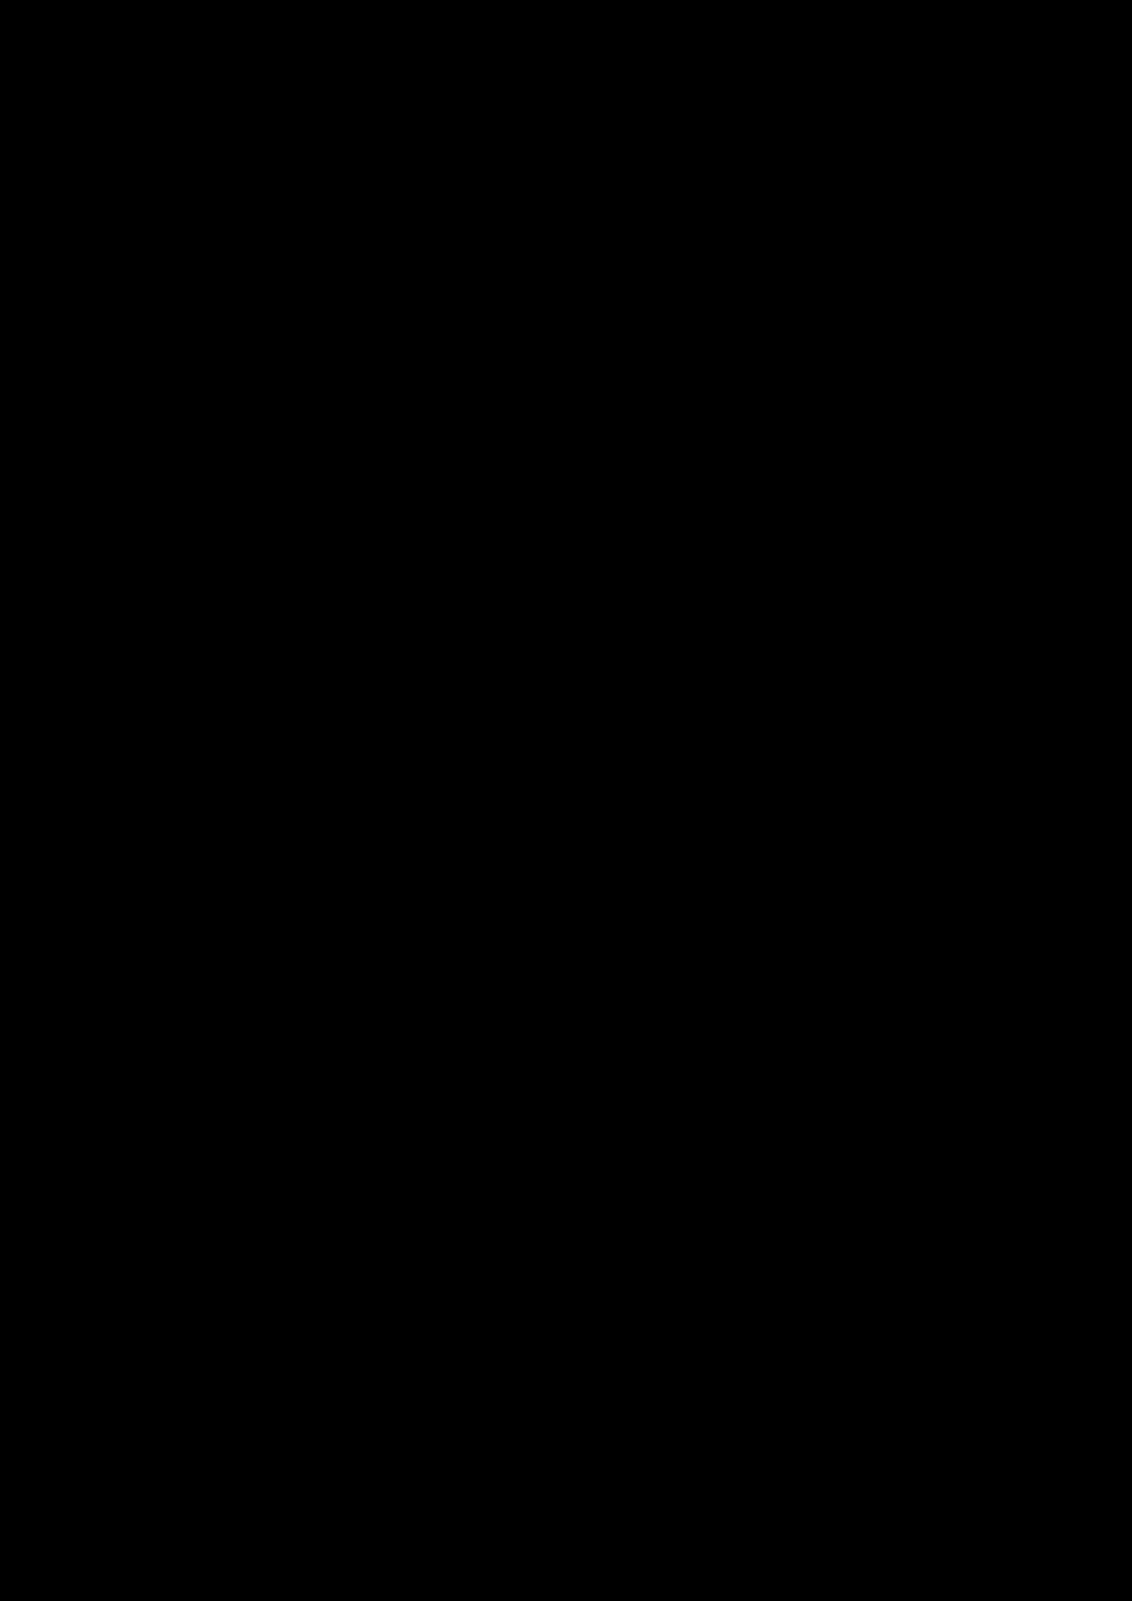 Prolog slide, Image 7